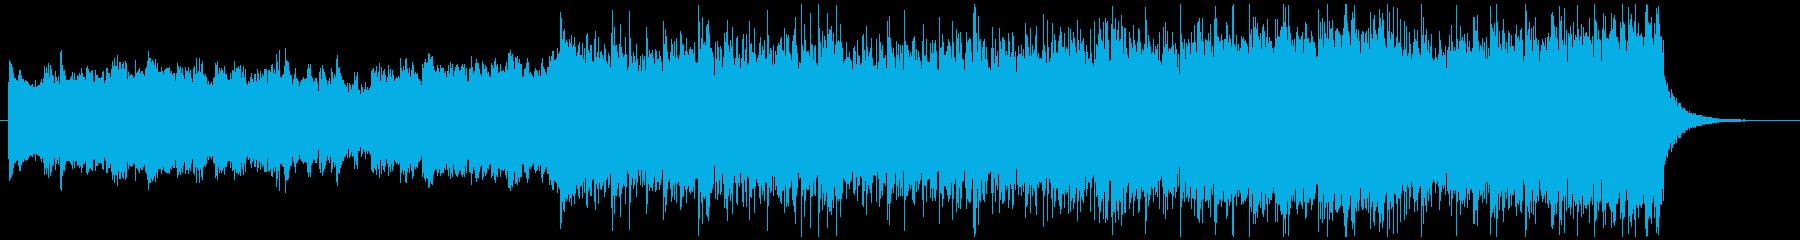 ハイブリッドシネマティック/インサートの再生済みの波形